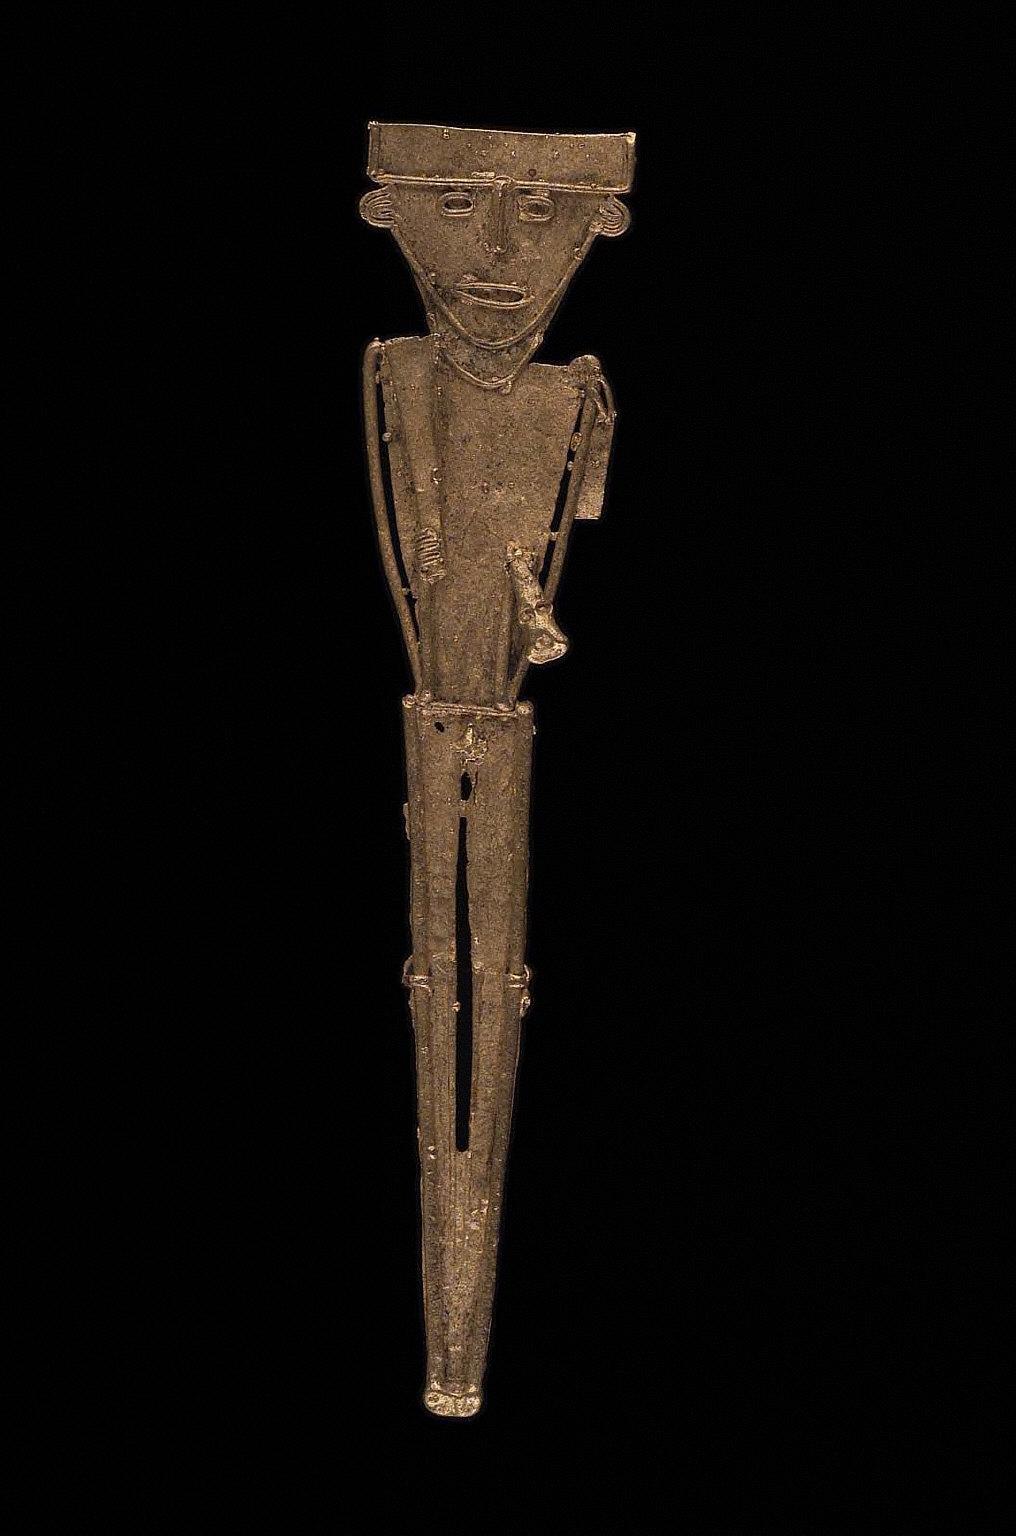 Male effigy figure holding fan and trophy head(?)